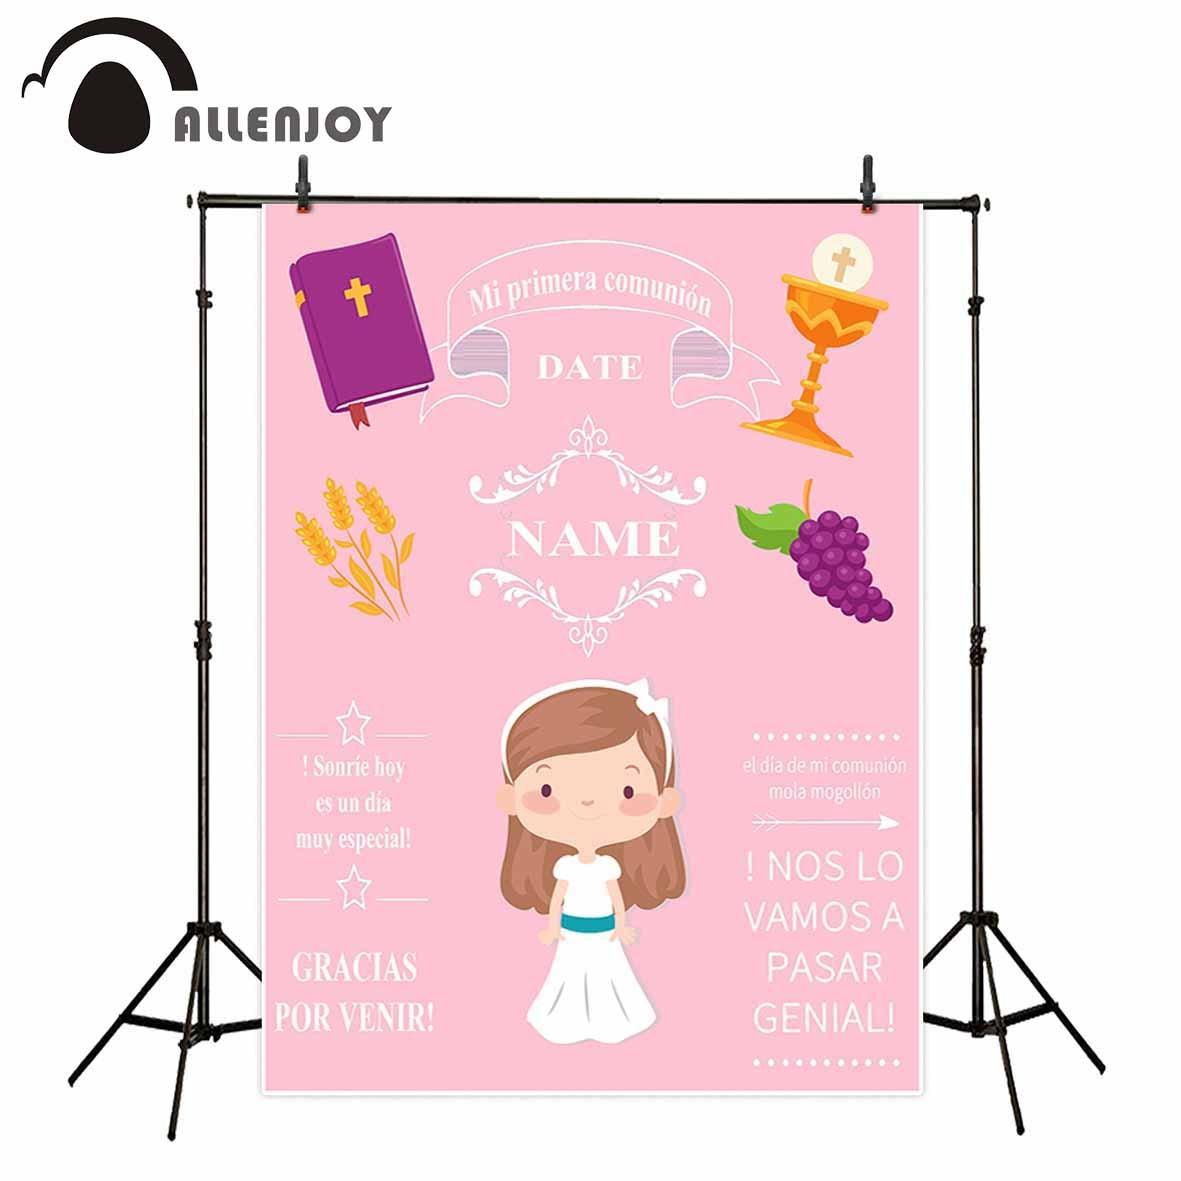 Allenjoy Comunione sfondo della ragazza rosa sfondo personalizzato foto sfondi per foto in studio sfondo per la fotografiaAllenjoy Comunione sfondo della ragazza rosa sfondo personalizzato foto sfondi per foto in studio sfondo per la fotografia